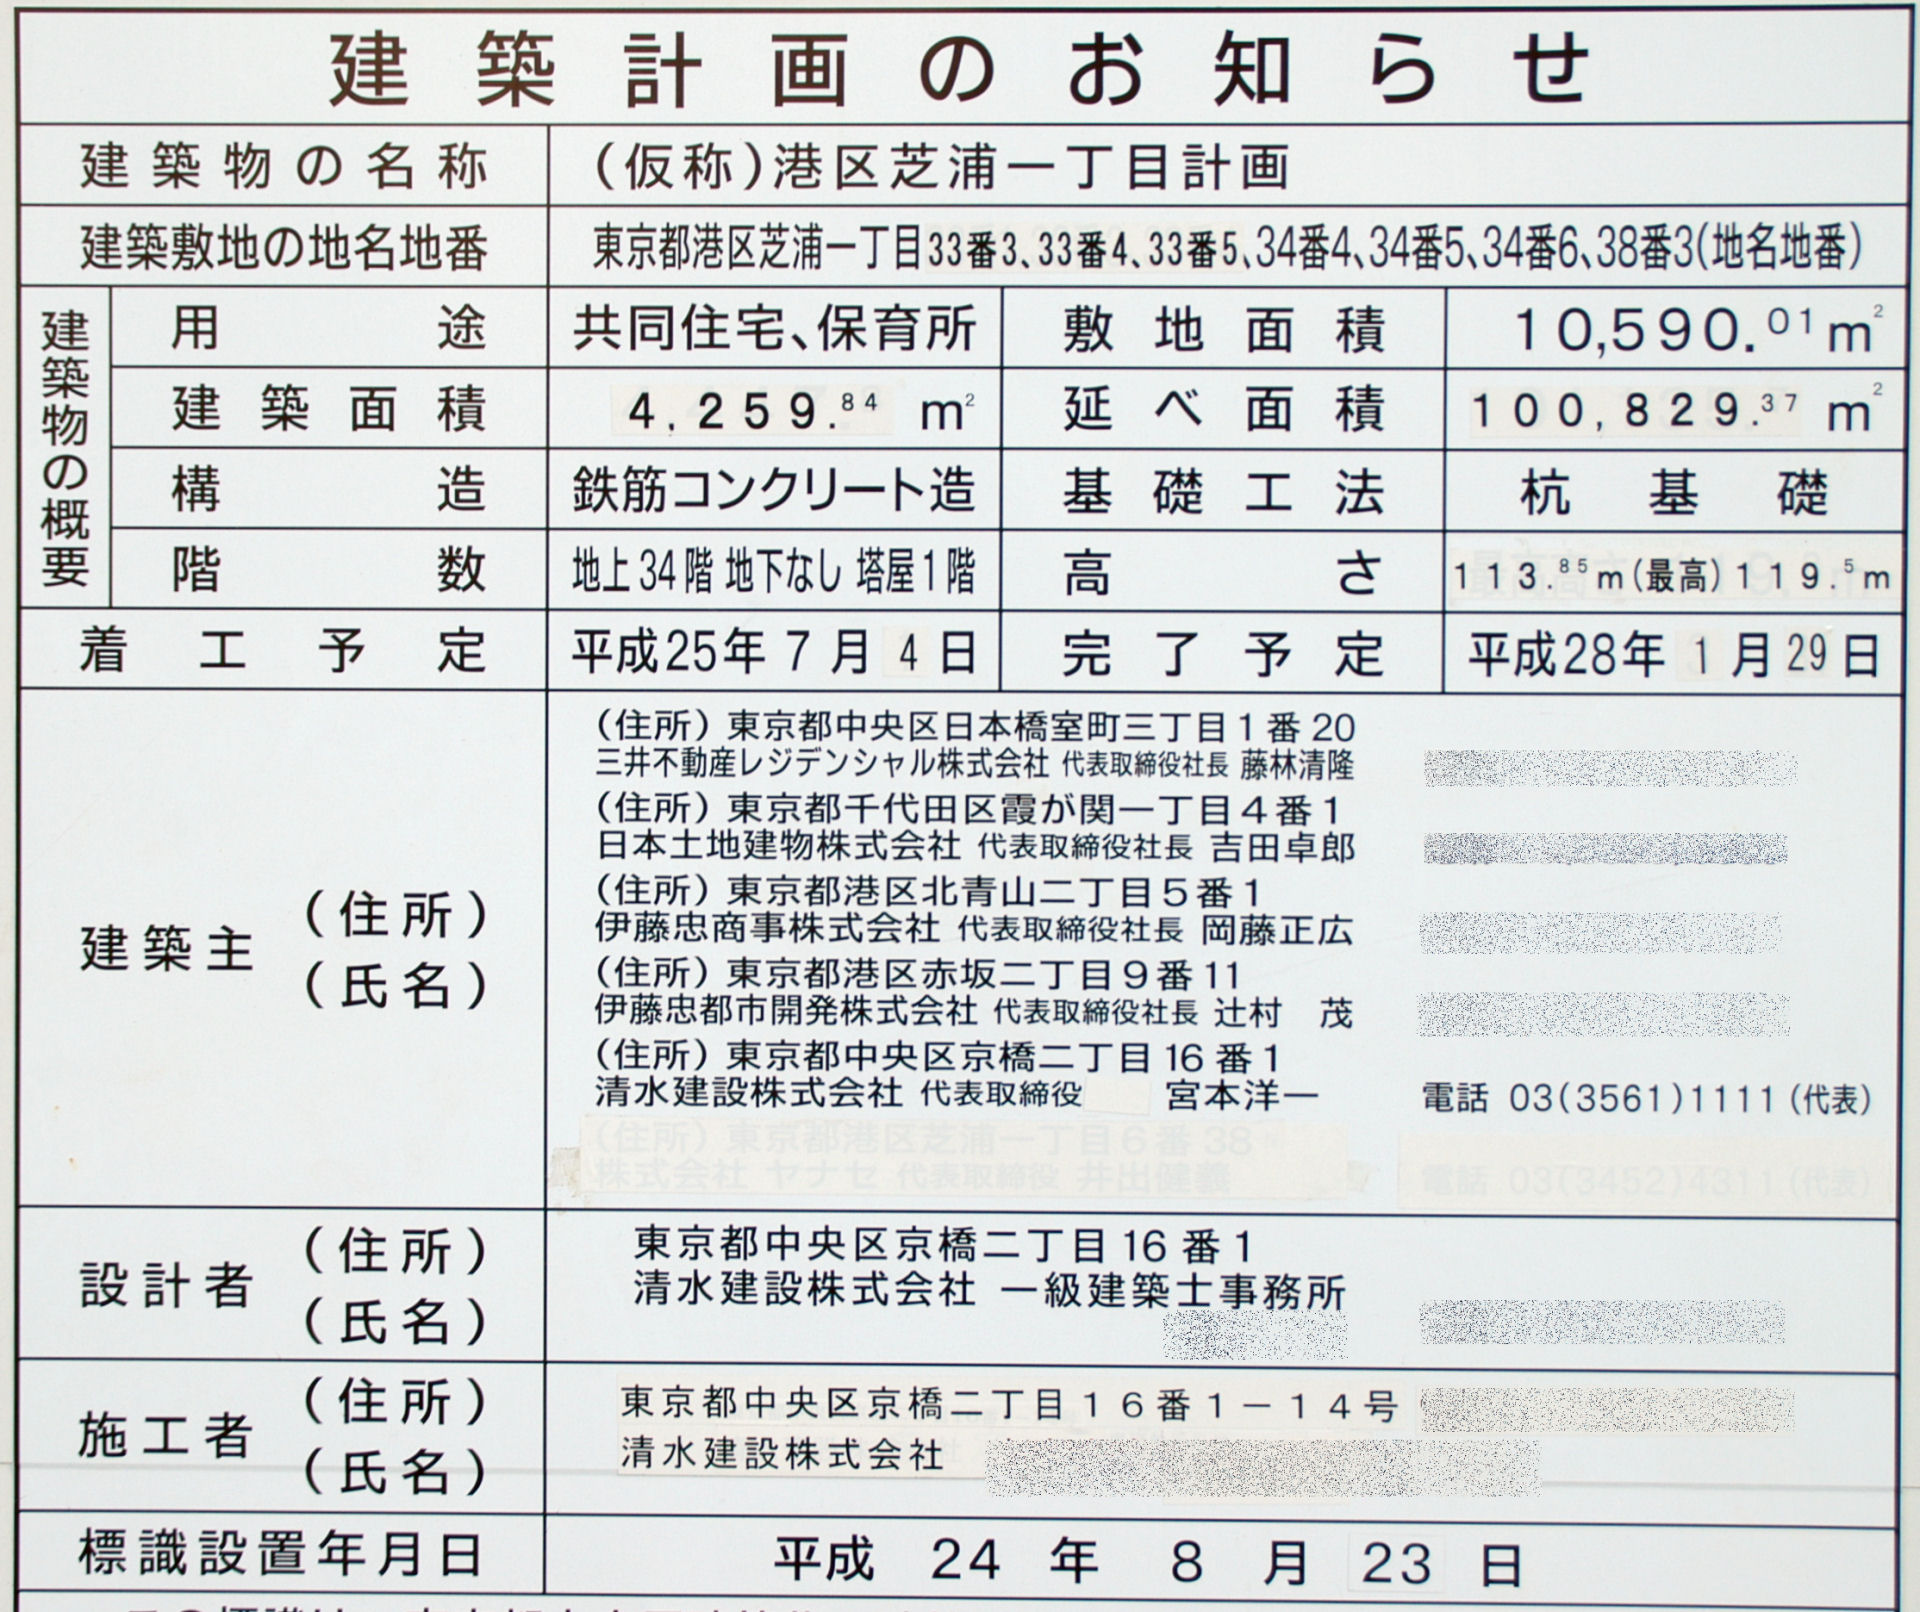 shibaura1312174.jpg